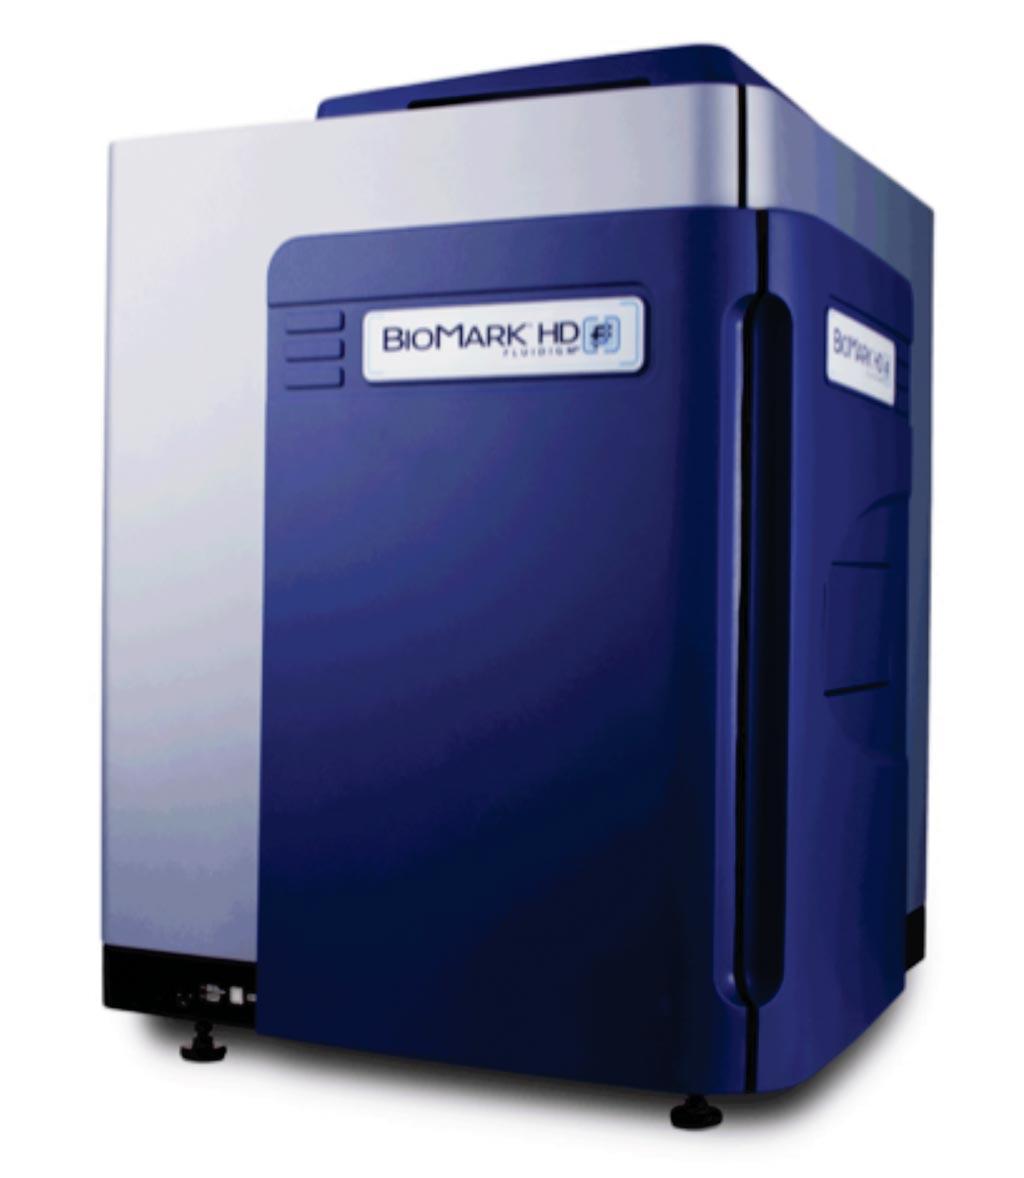 Imagen: La plataforma de reacción en cadena de polimerasa (PCR) en tiempo real BioMark HD (Fotografía cortesía de Fluidigm).